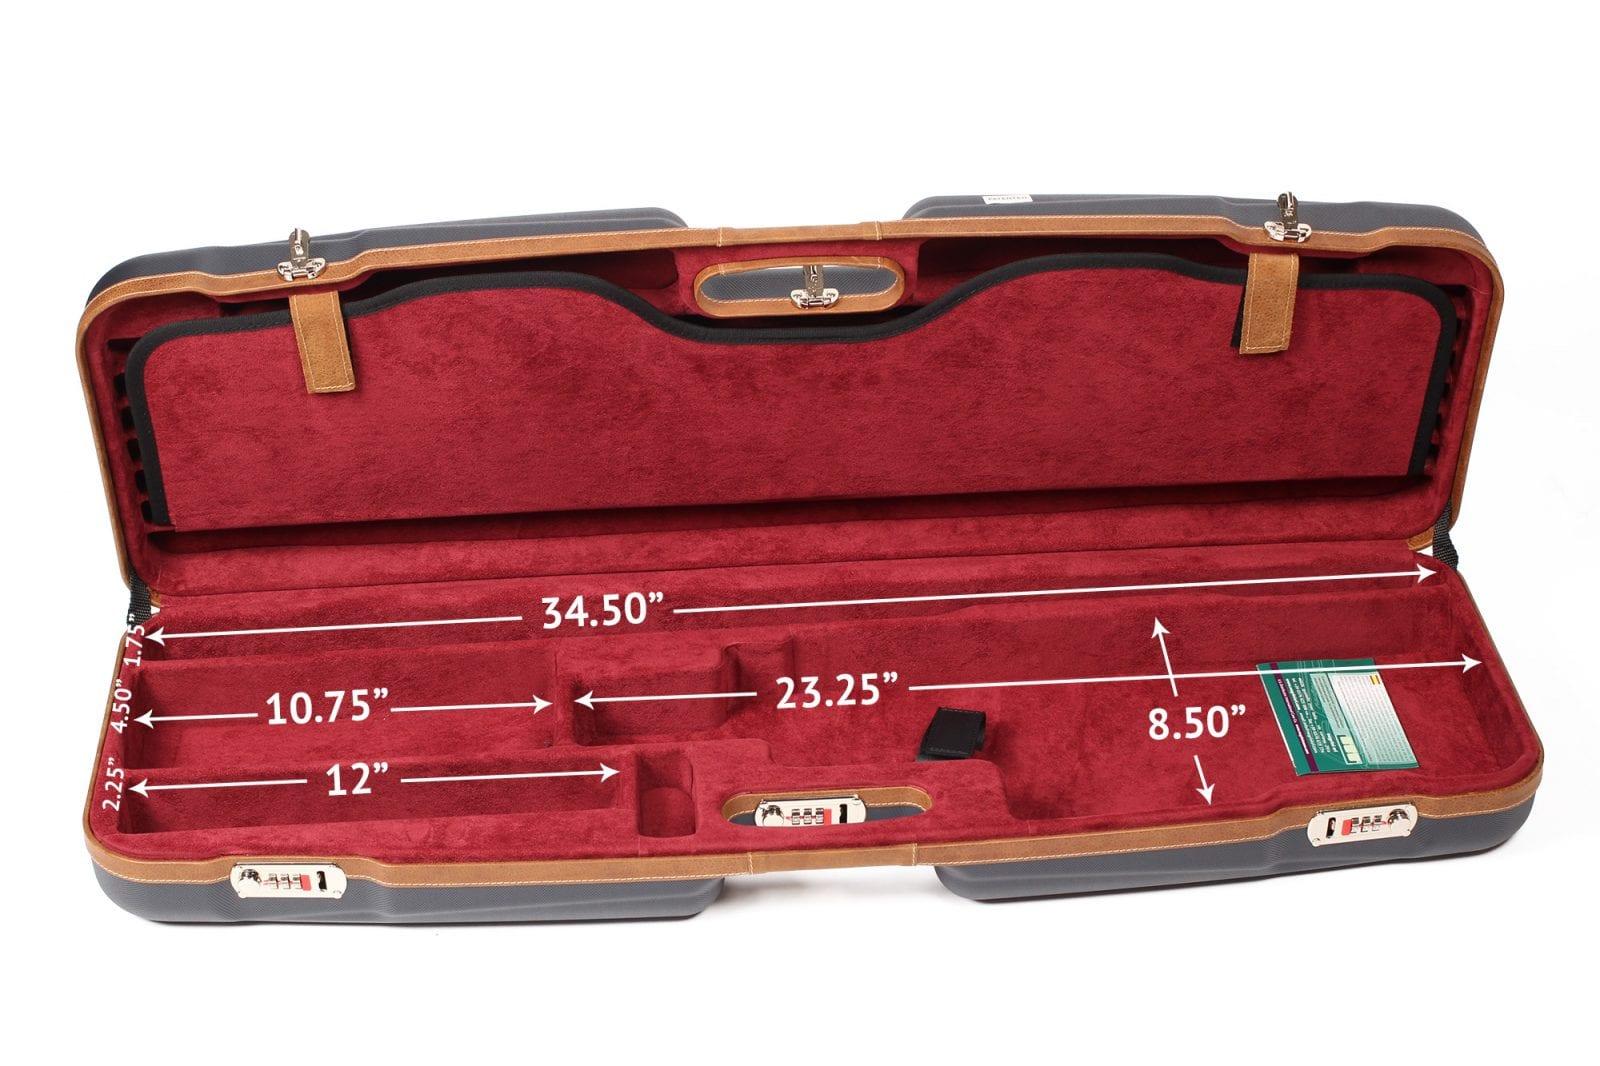 Negrini Shotgun Cases - 1622LX-TS/5228 - High Rib Shotgun case + Tube Sets - bottom dimensions